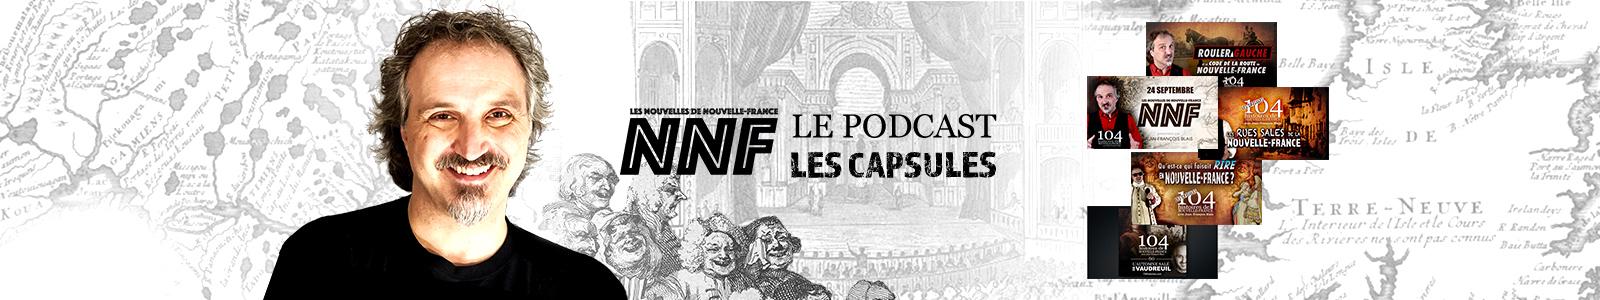 Histoires extraordinaires de la Nouvelle-France